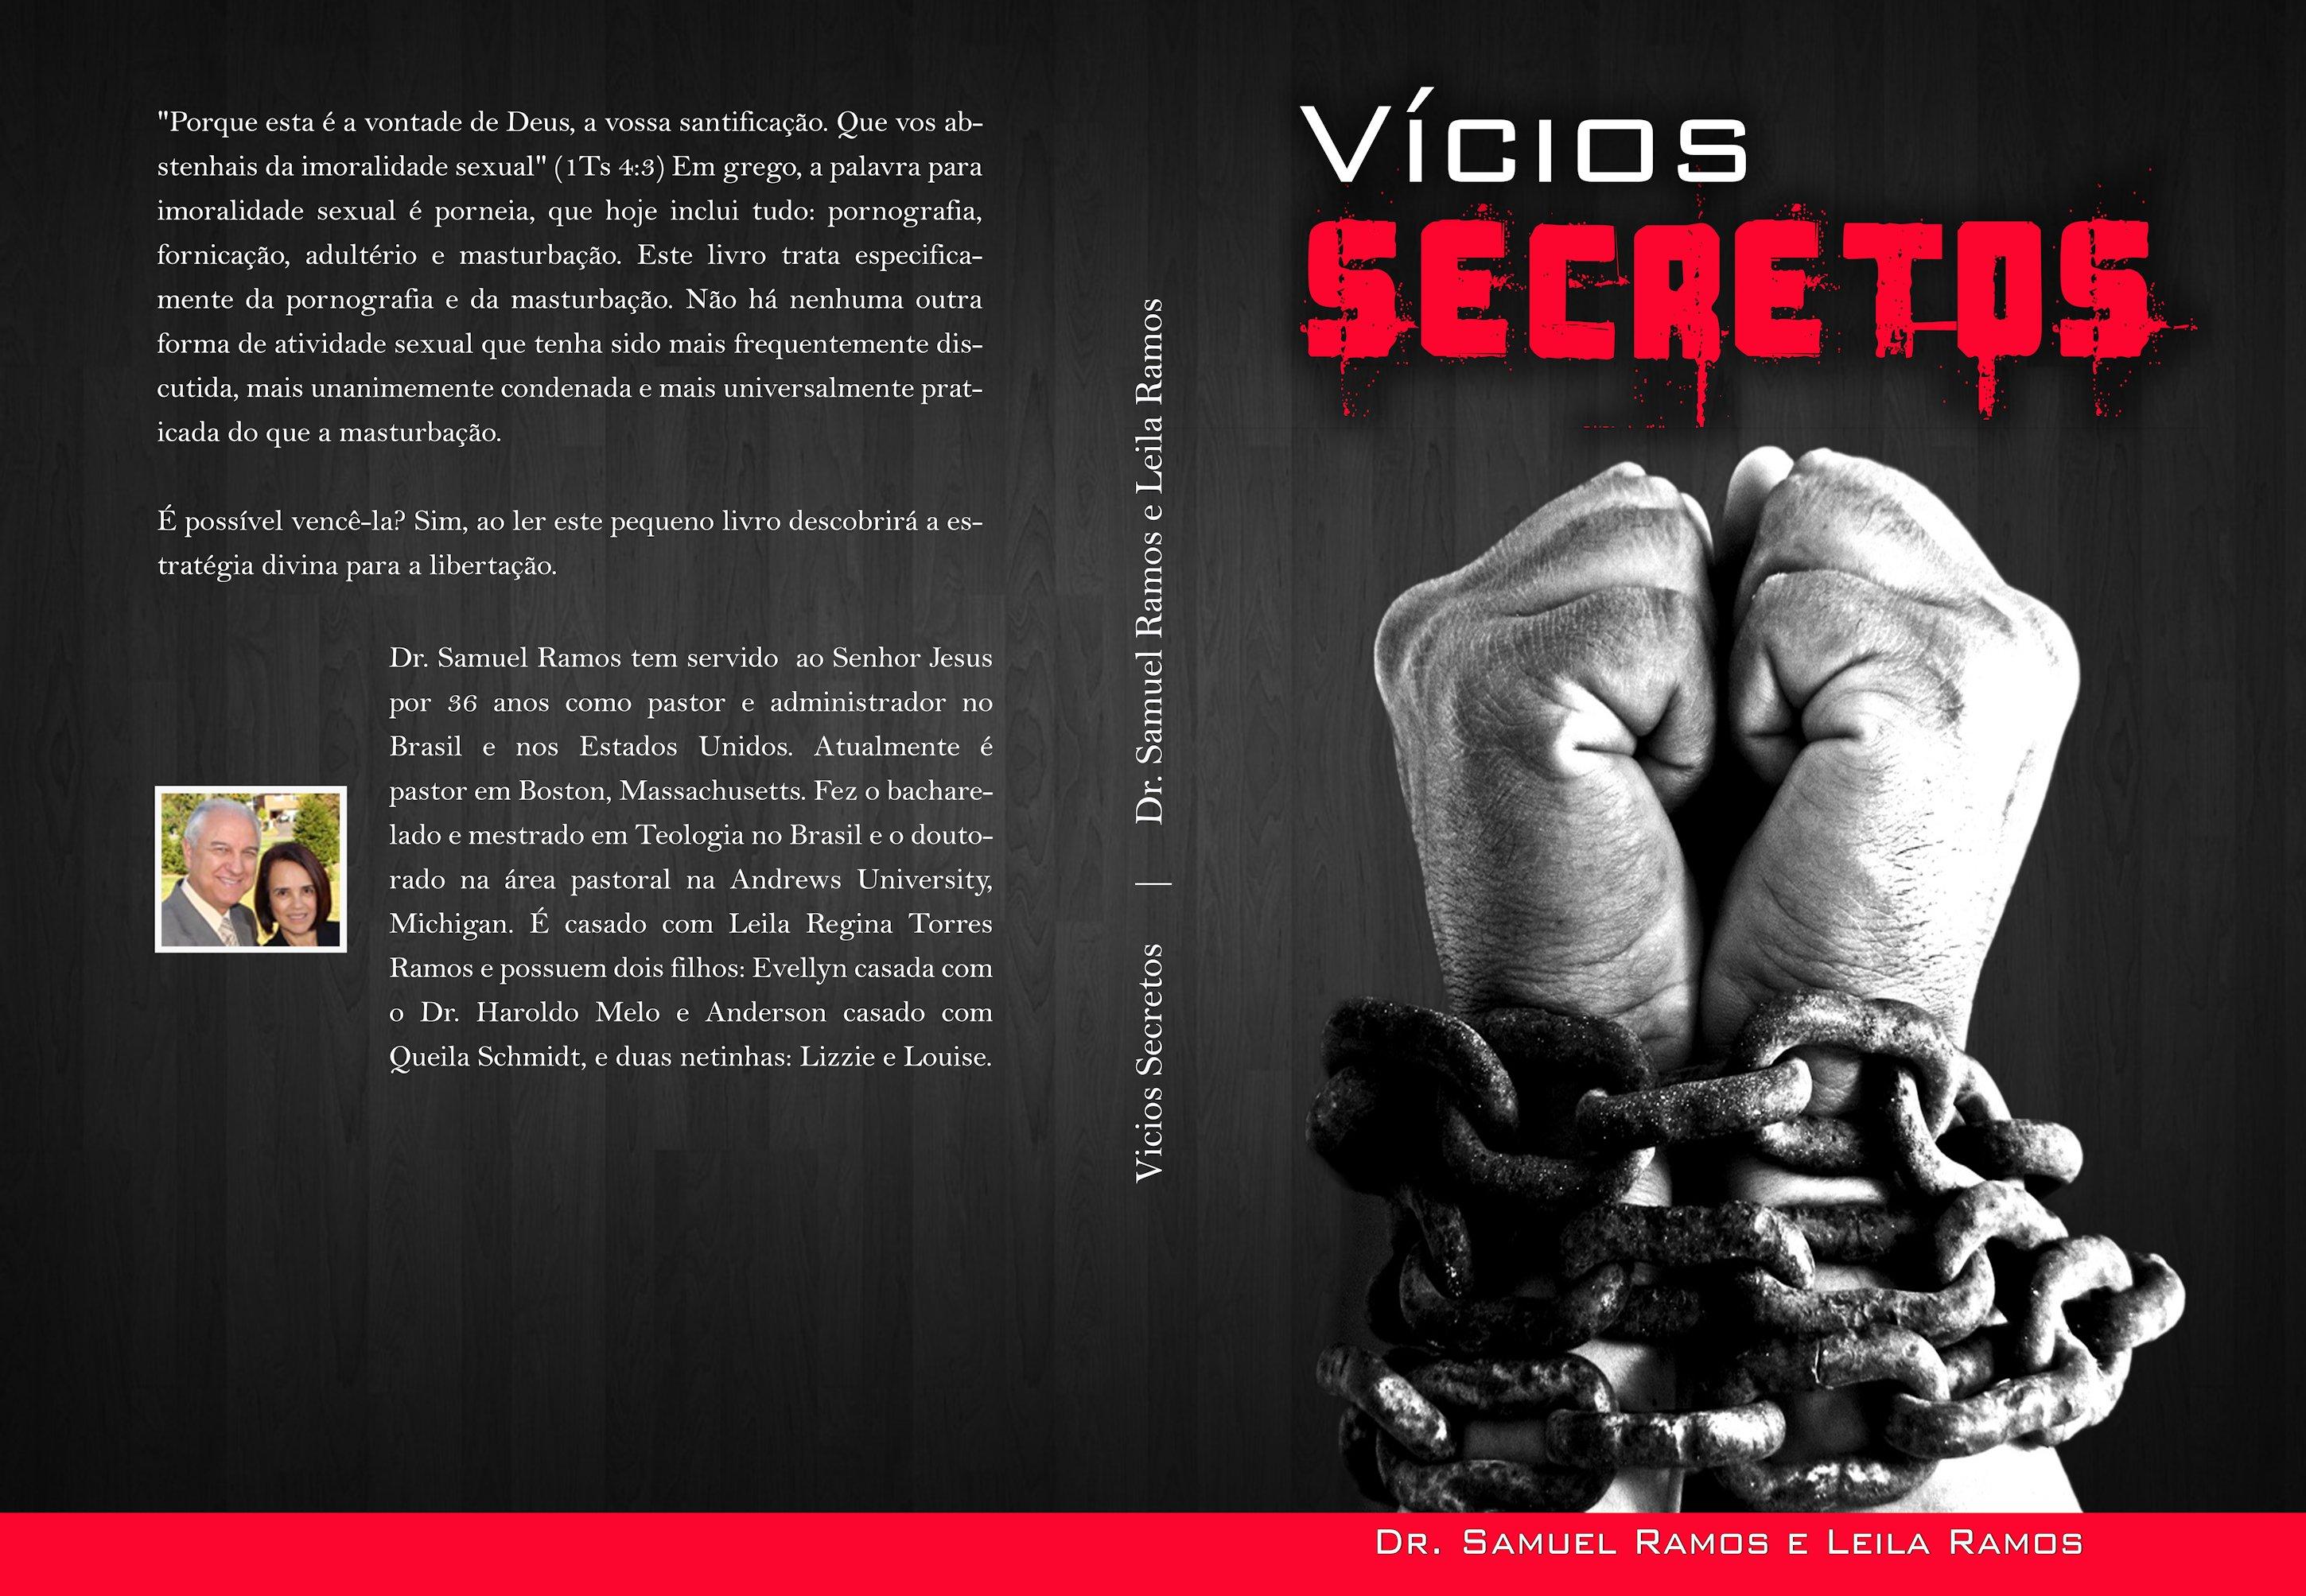 vicios sexual: